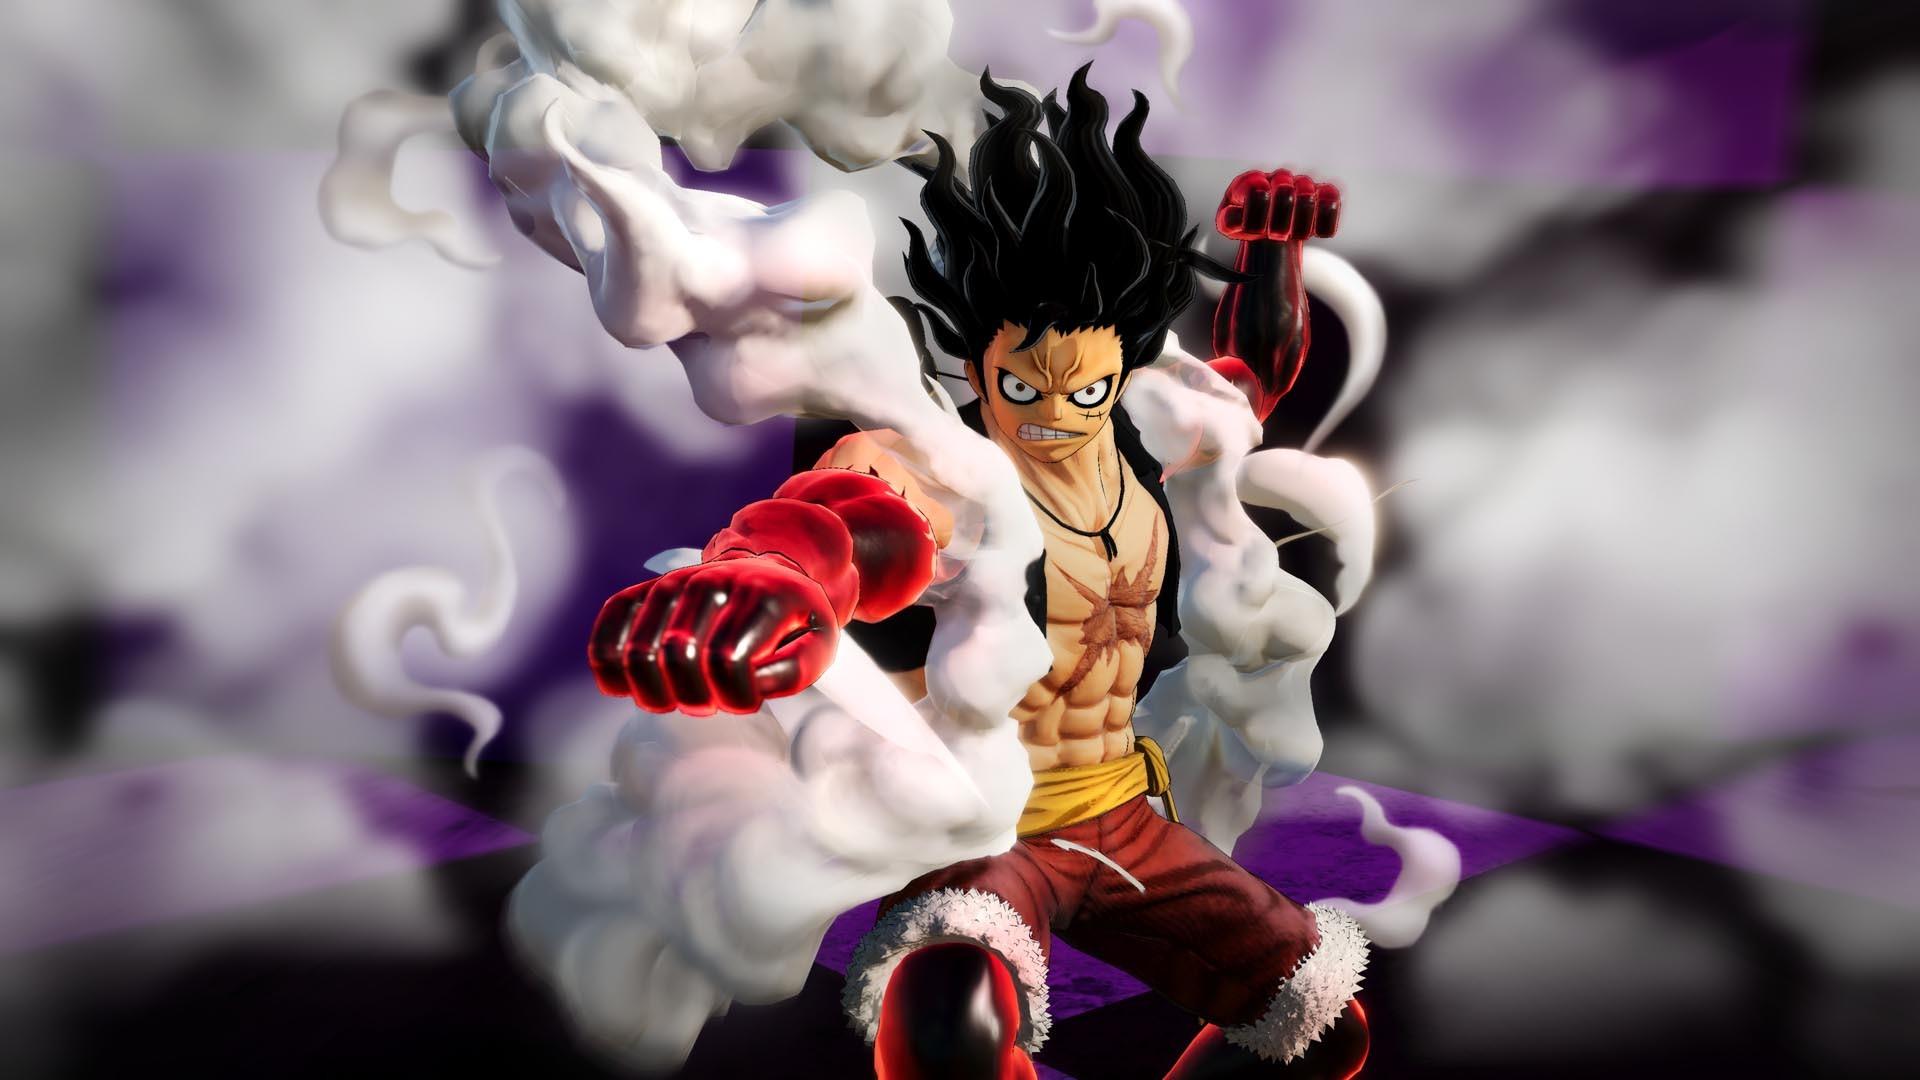 One Piece: Pirate Warriors 4 Gear 4 Bounce Man